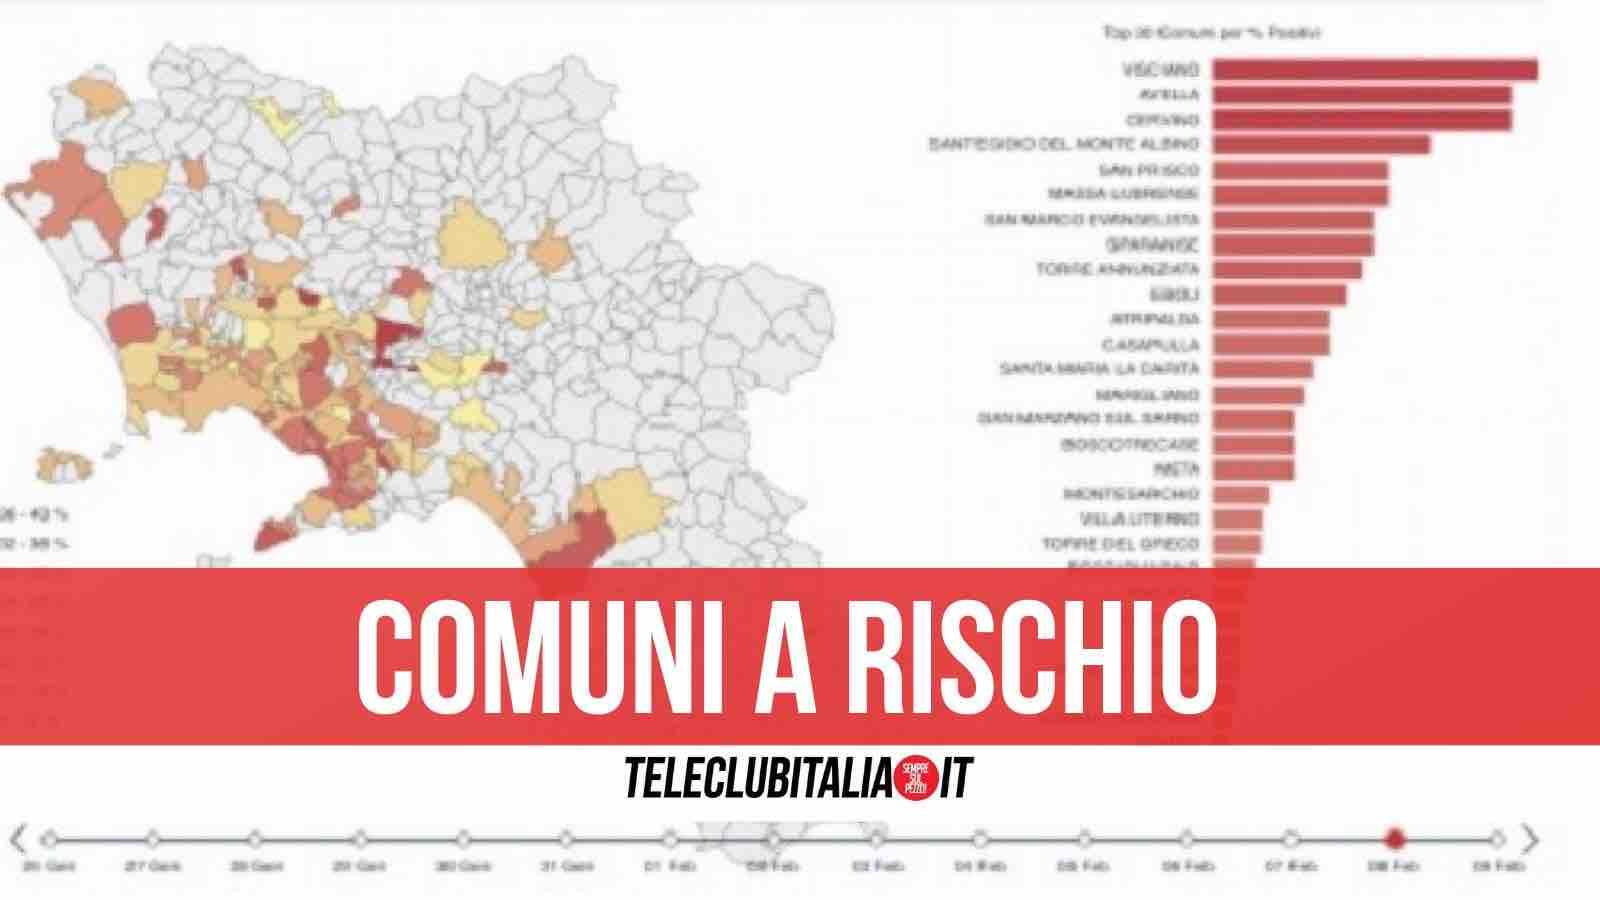 145 comuni campania